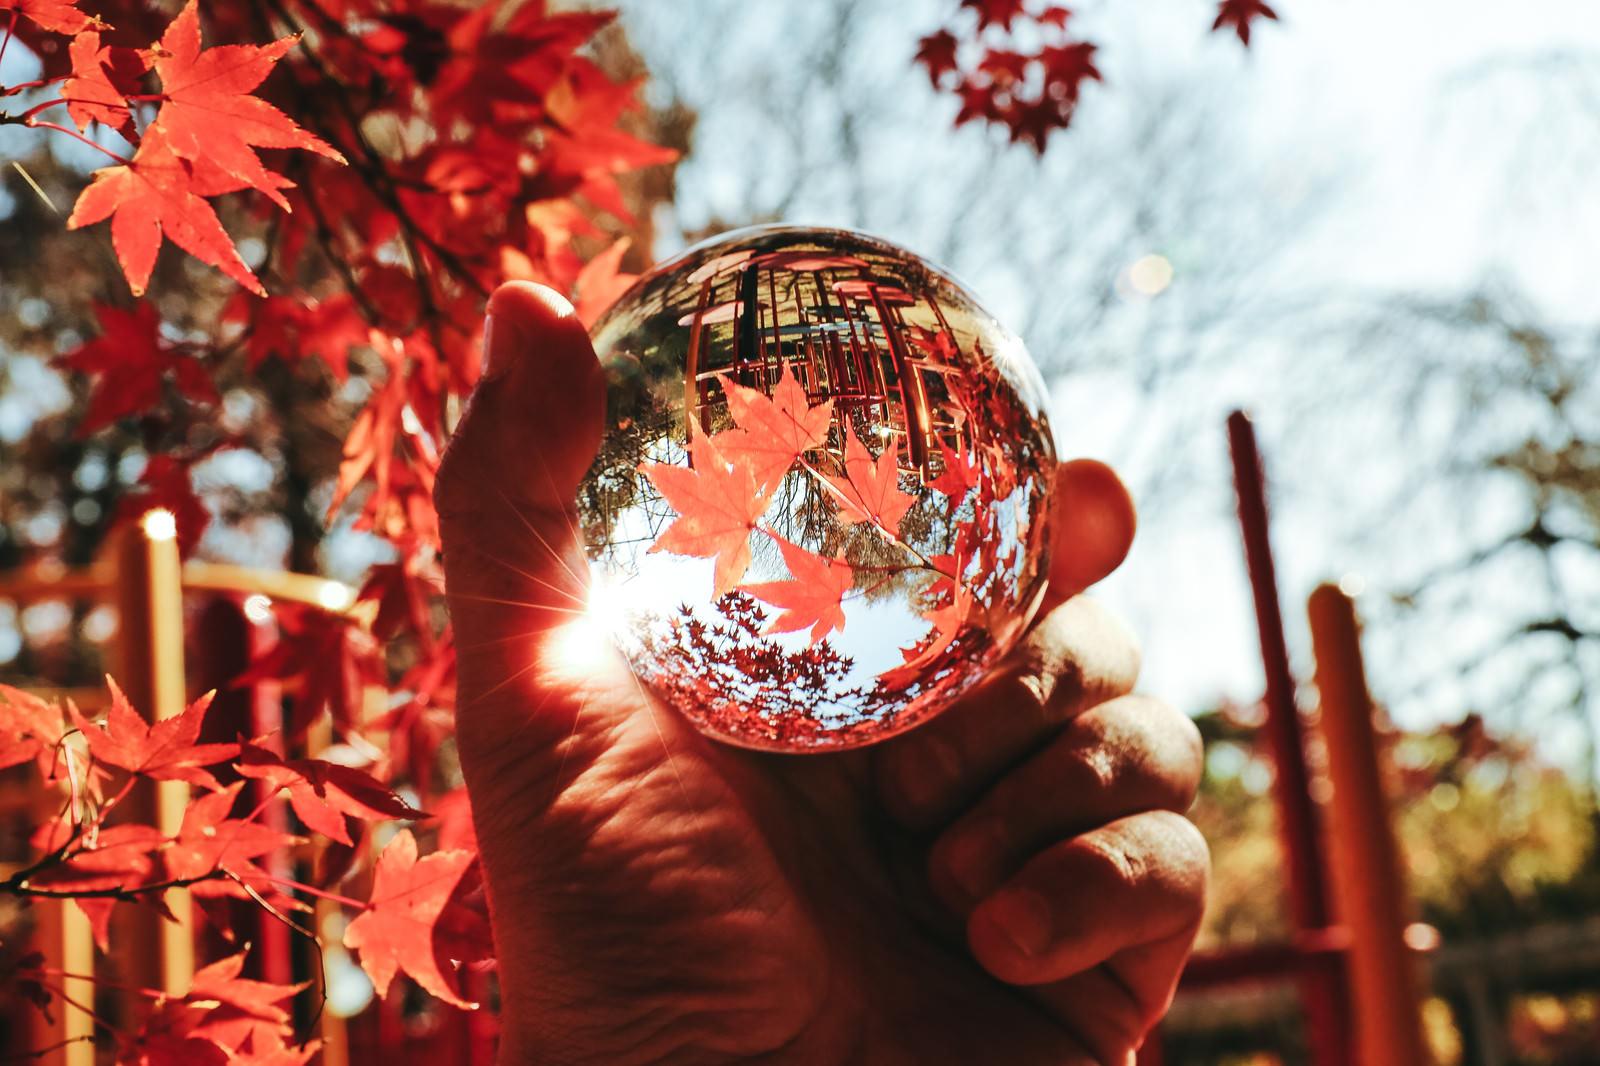 「水晶球越しの紅葉の世界」の写真